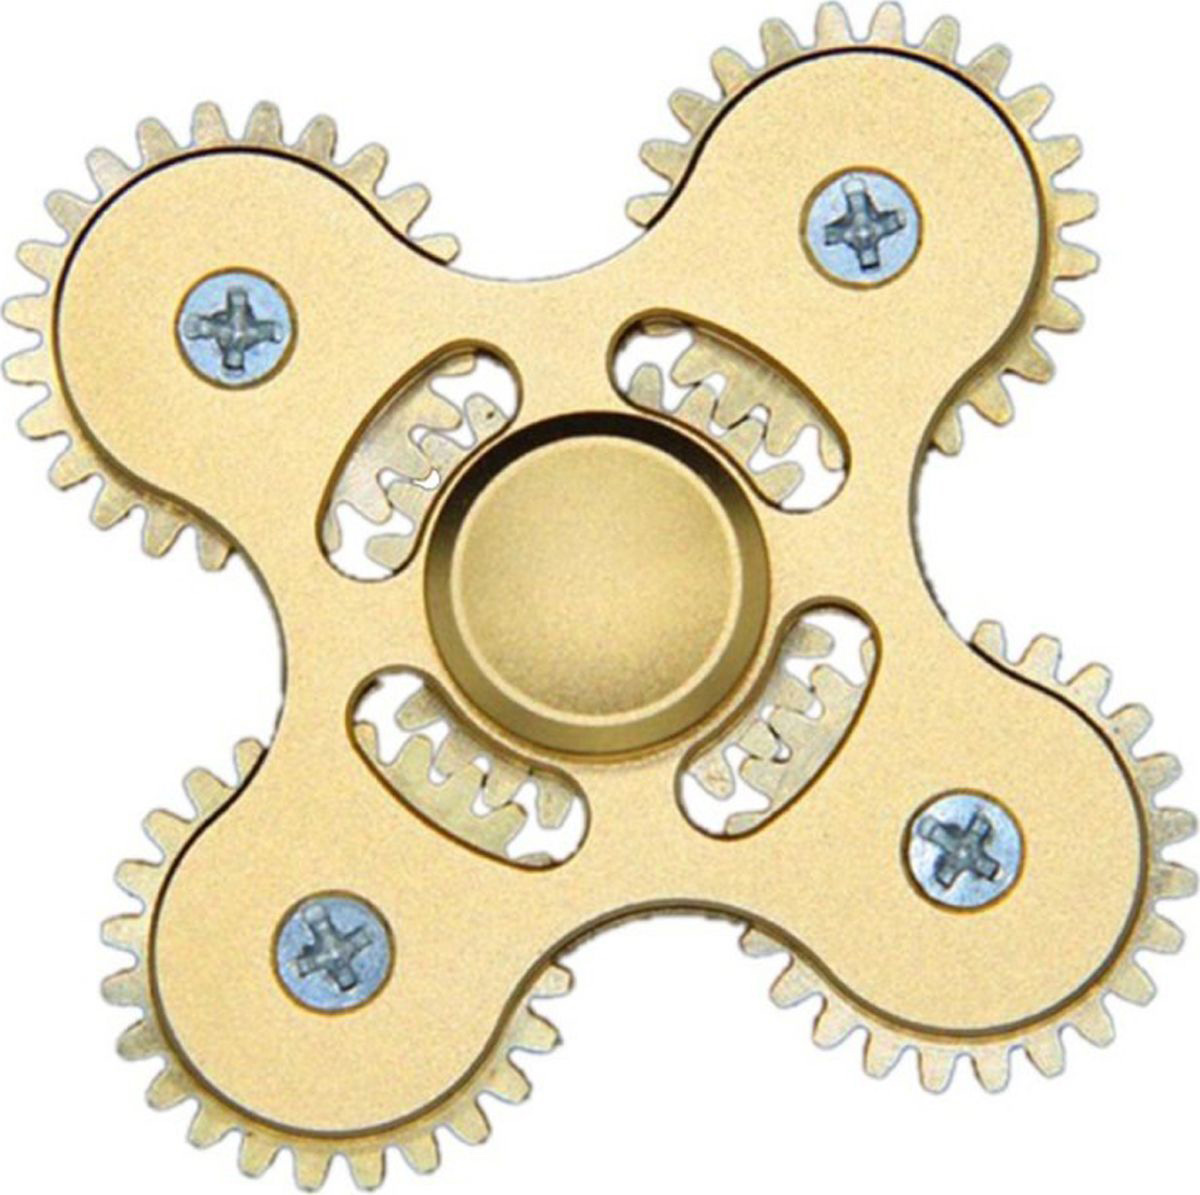 TipTop Квад-спиннер цвет золотой ВР-00000969 - Развлекательные игрушки